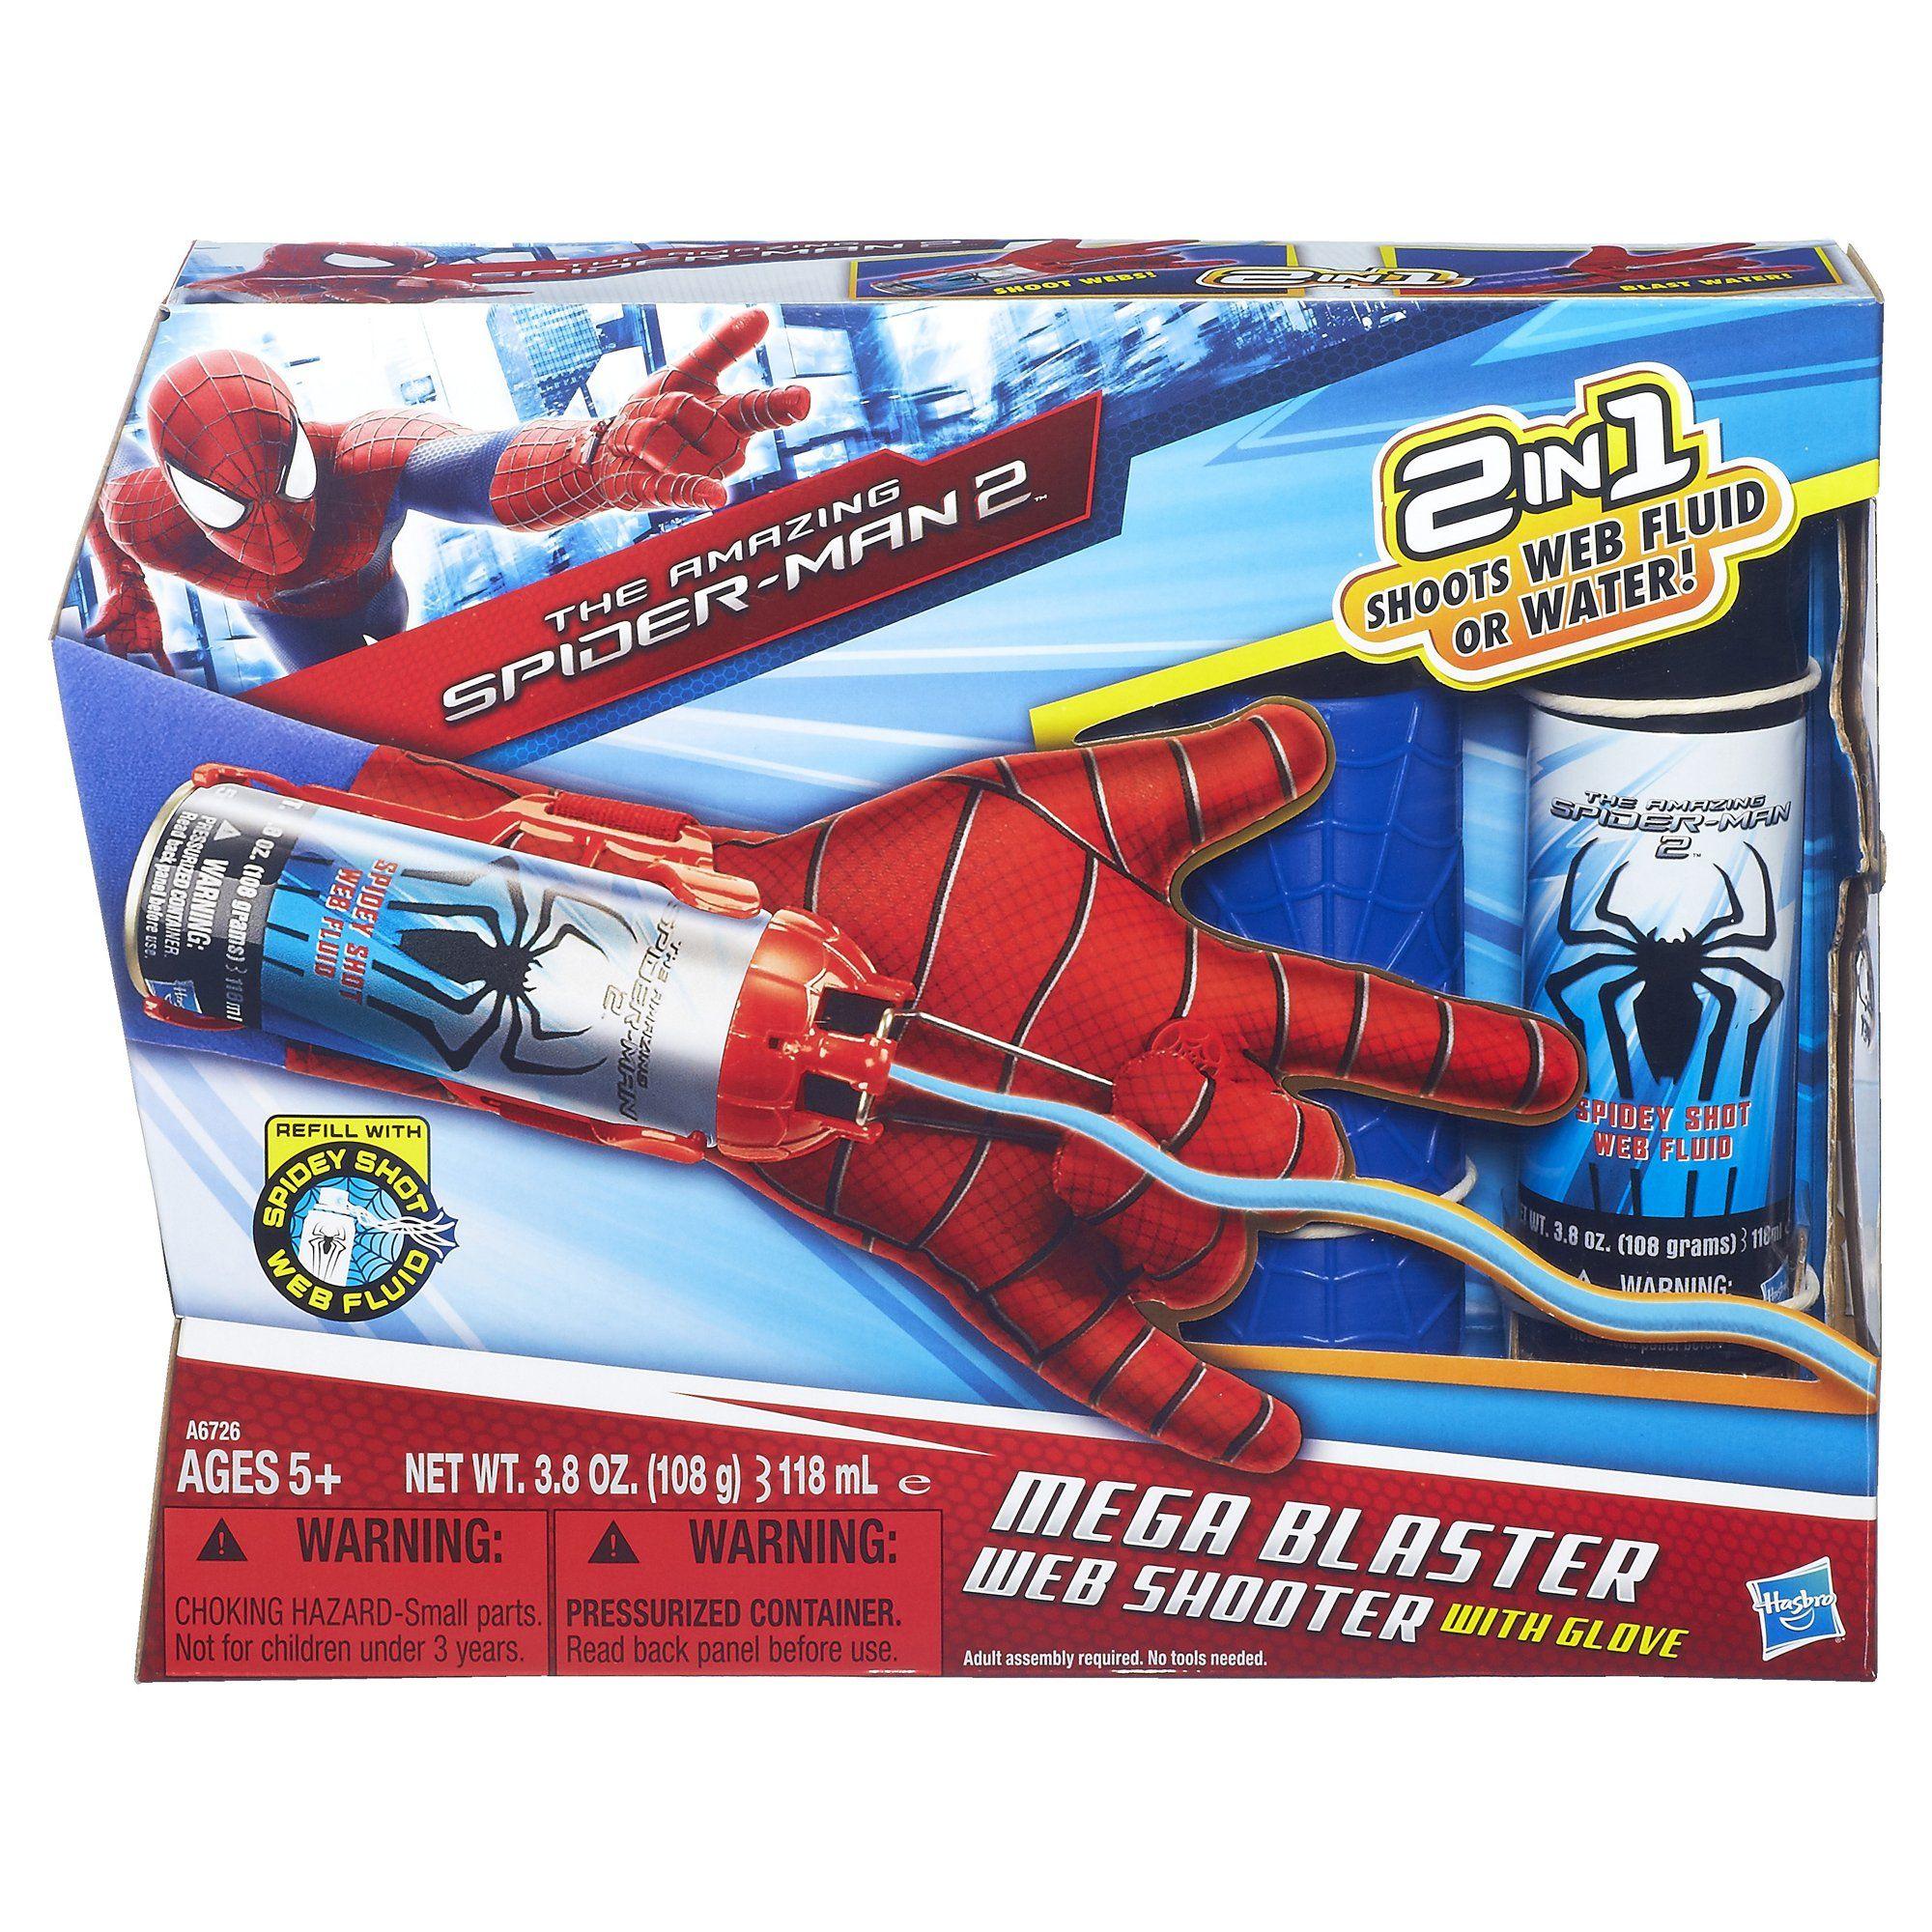 Amazoncom Marvel The Amazing Spider Man 2 Mega Blaster Web Shooter